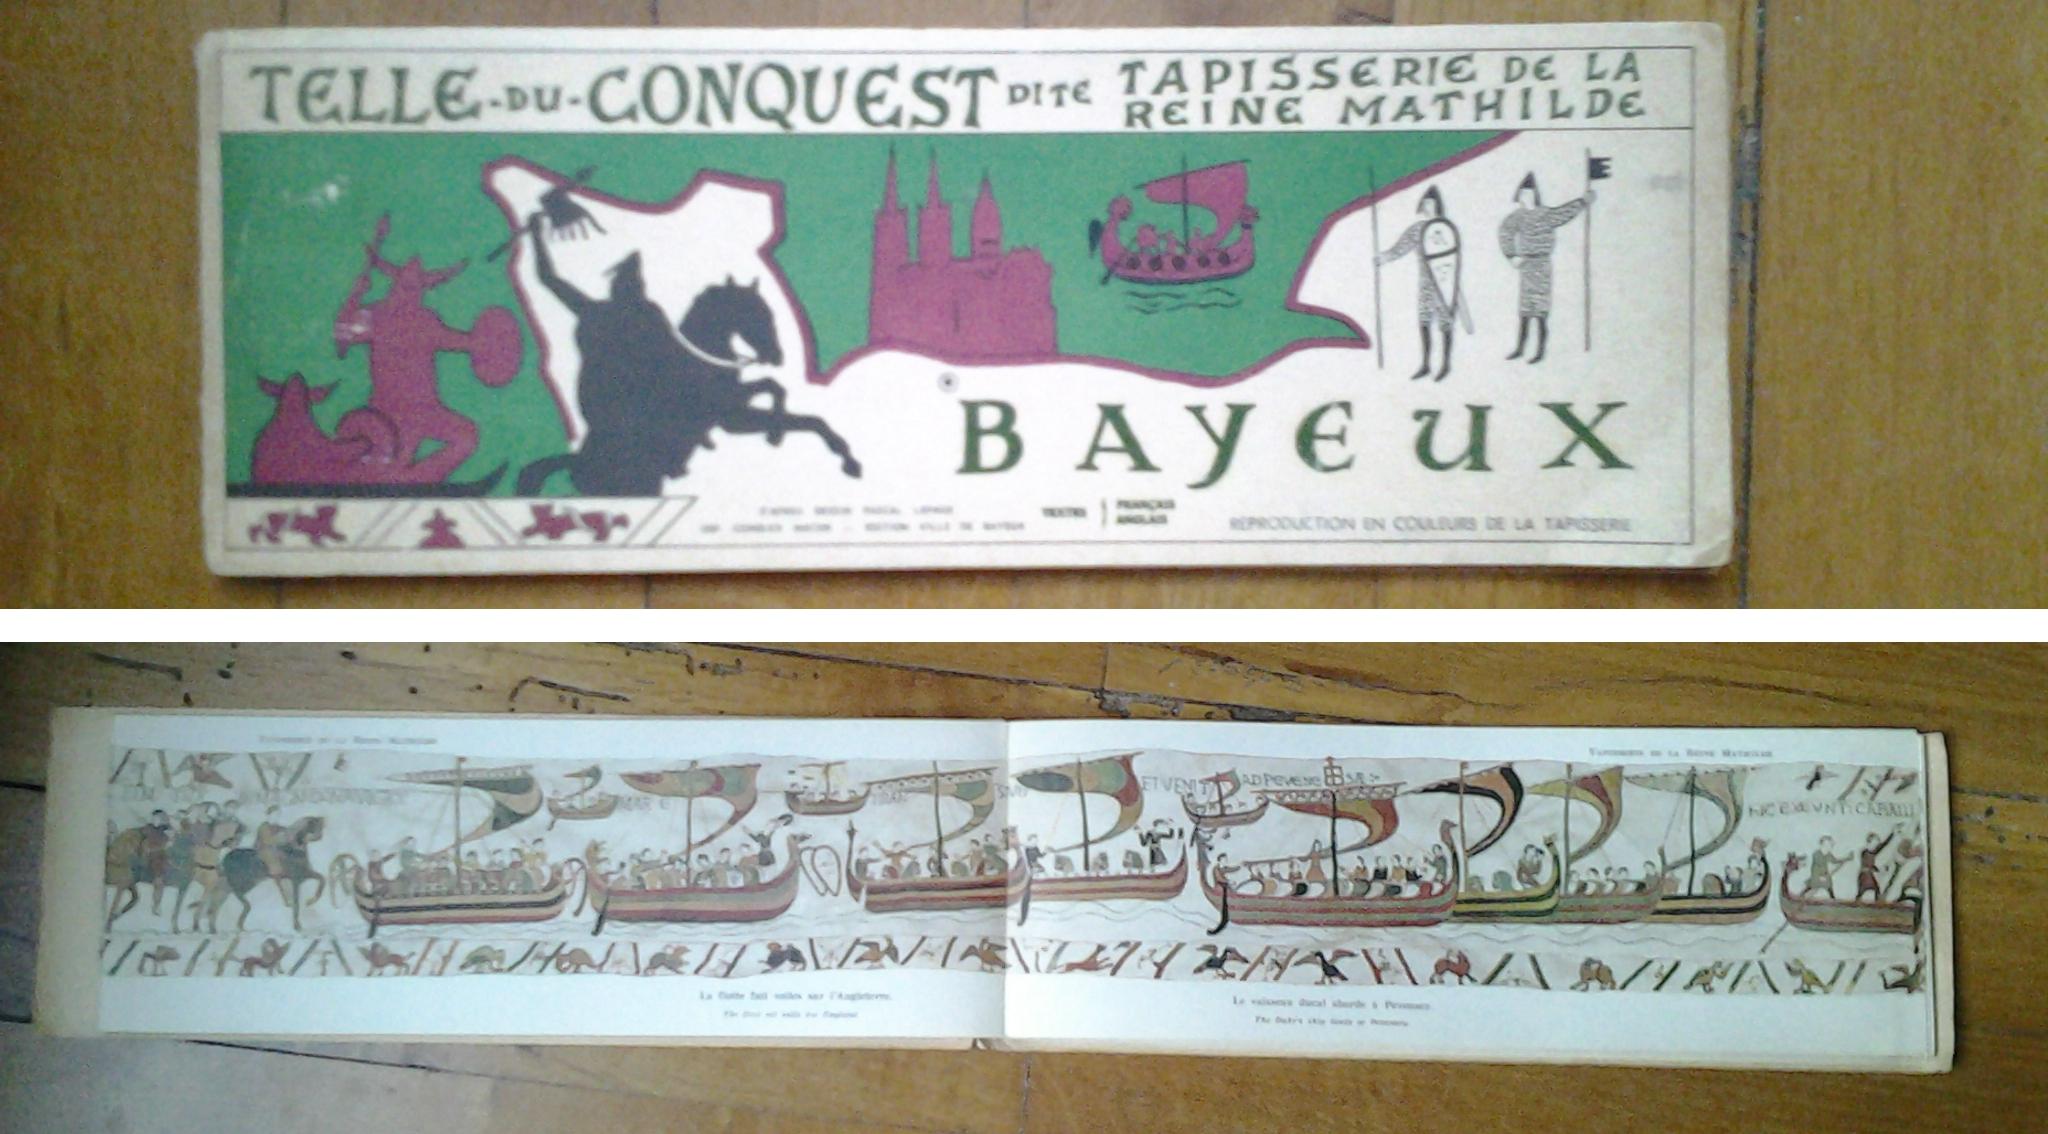 Une version imprimée de la tapisserie de bayereux sous forme de leporello